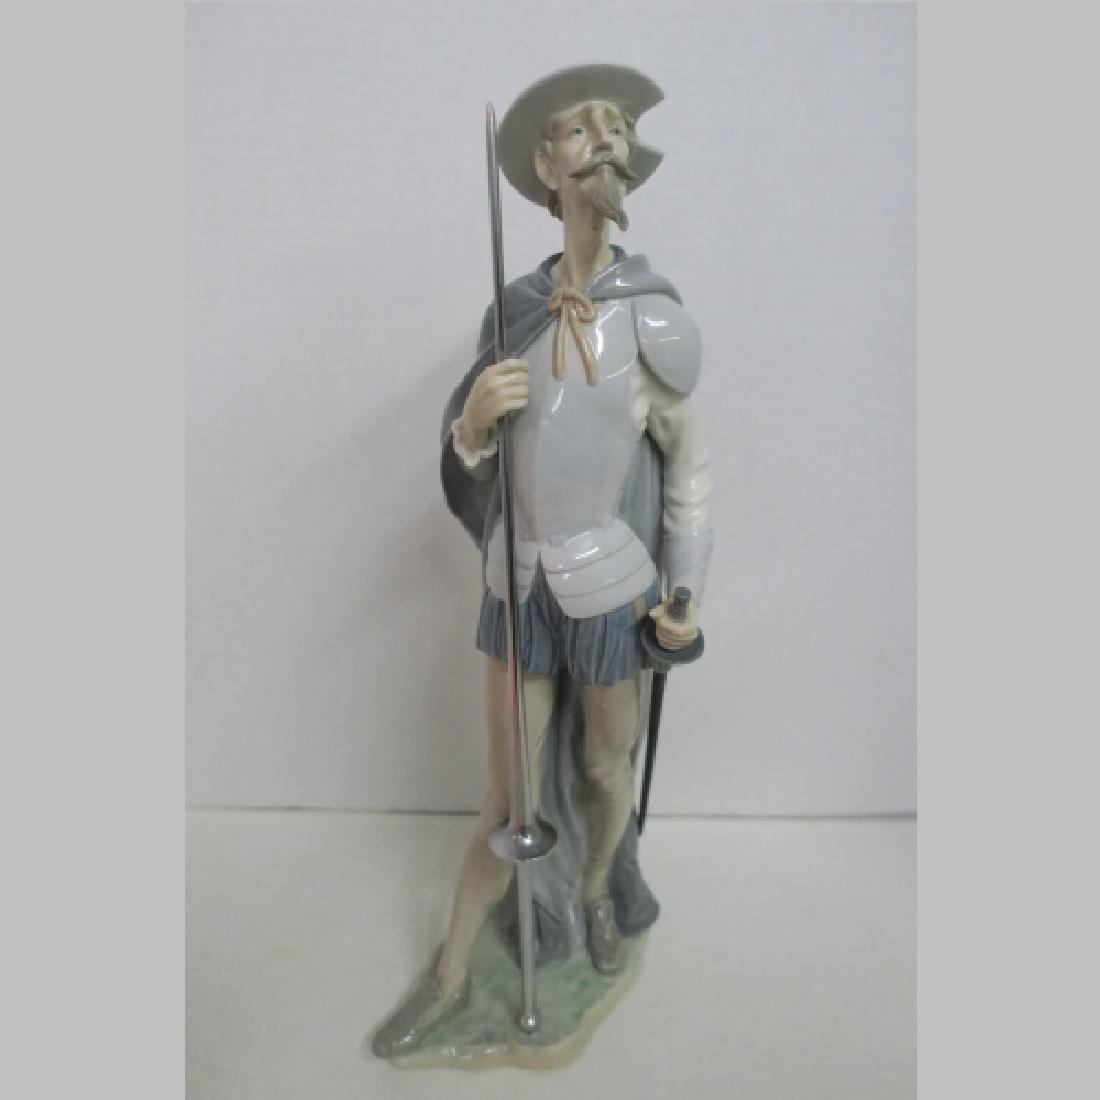 Lladro Don Quixote on Guard #1385: